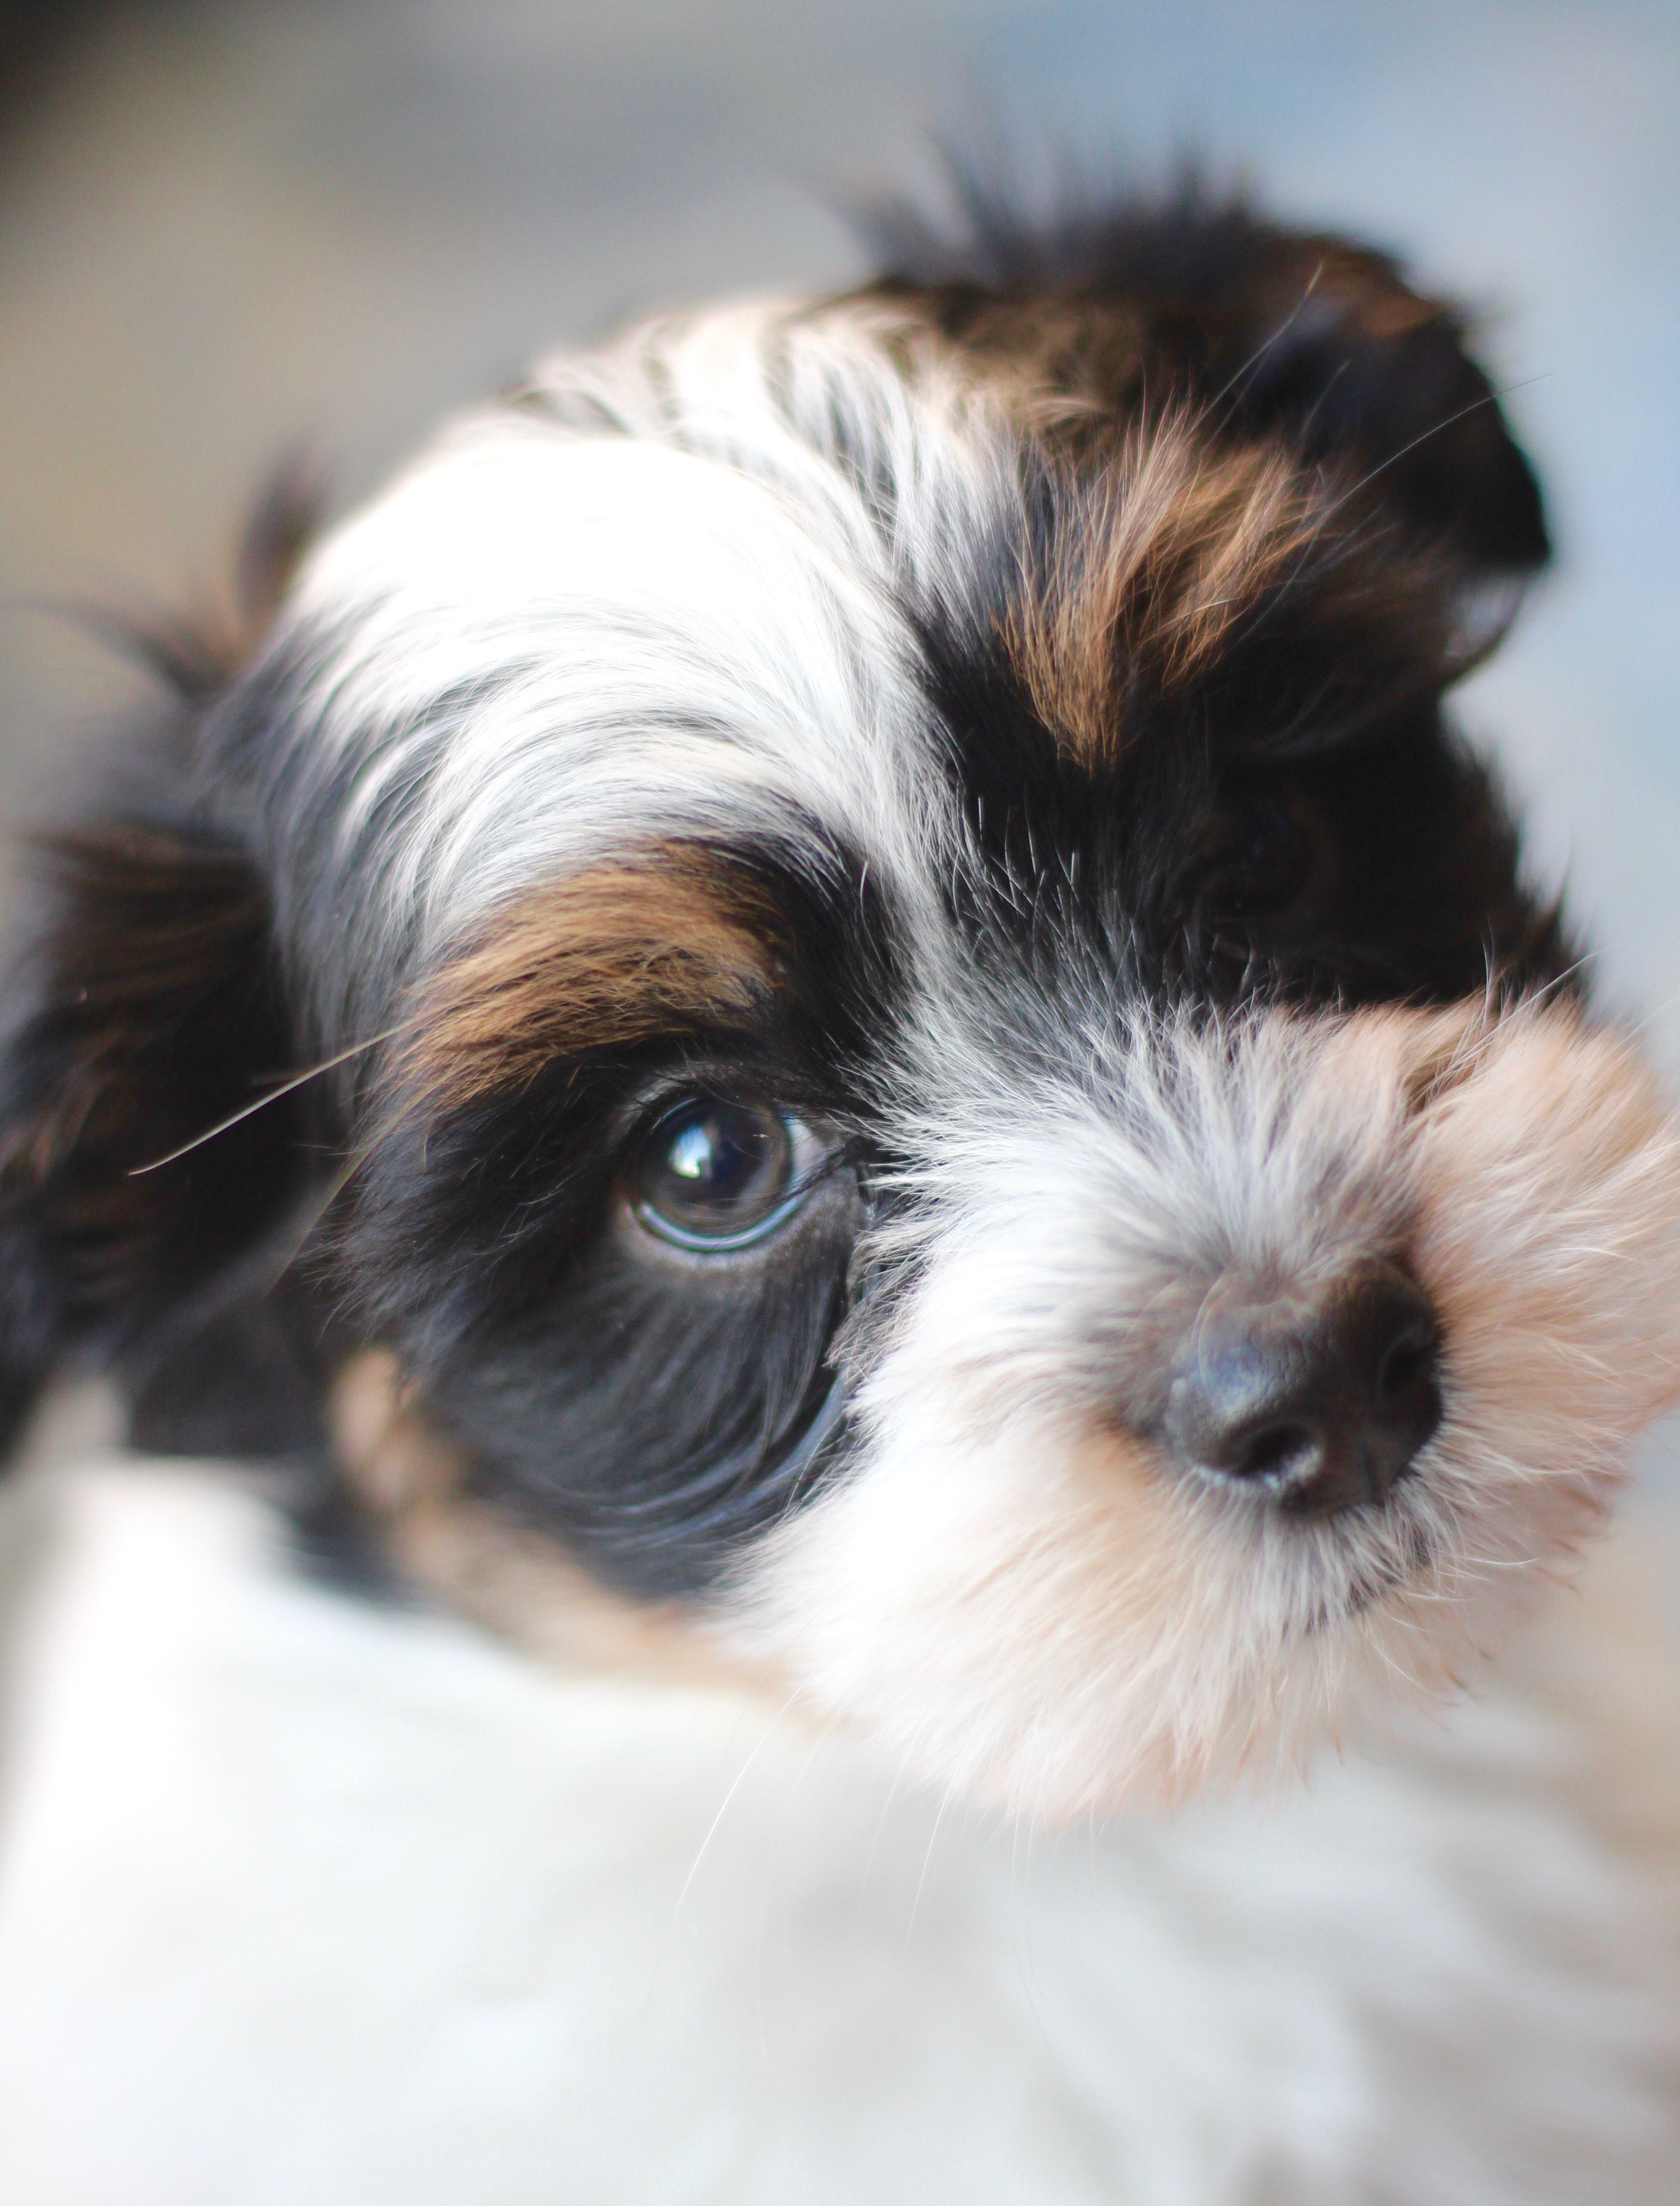 Bichon Shih Tzu Puppy Shichon Zuchon Www Babybarks Ca Shih Tzu Puppy Shih Tzu Teddy Bear Dog